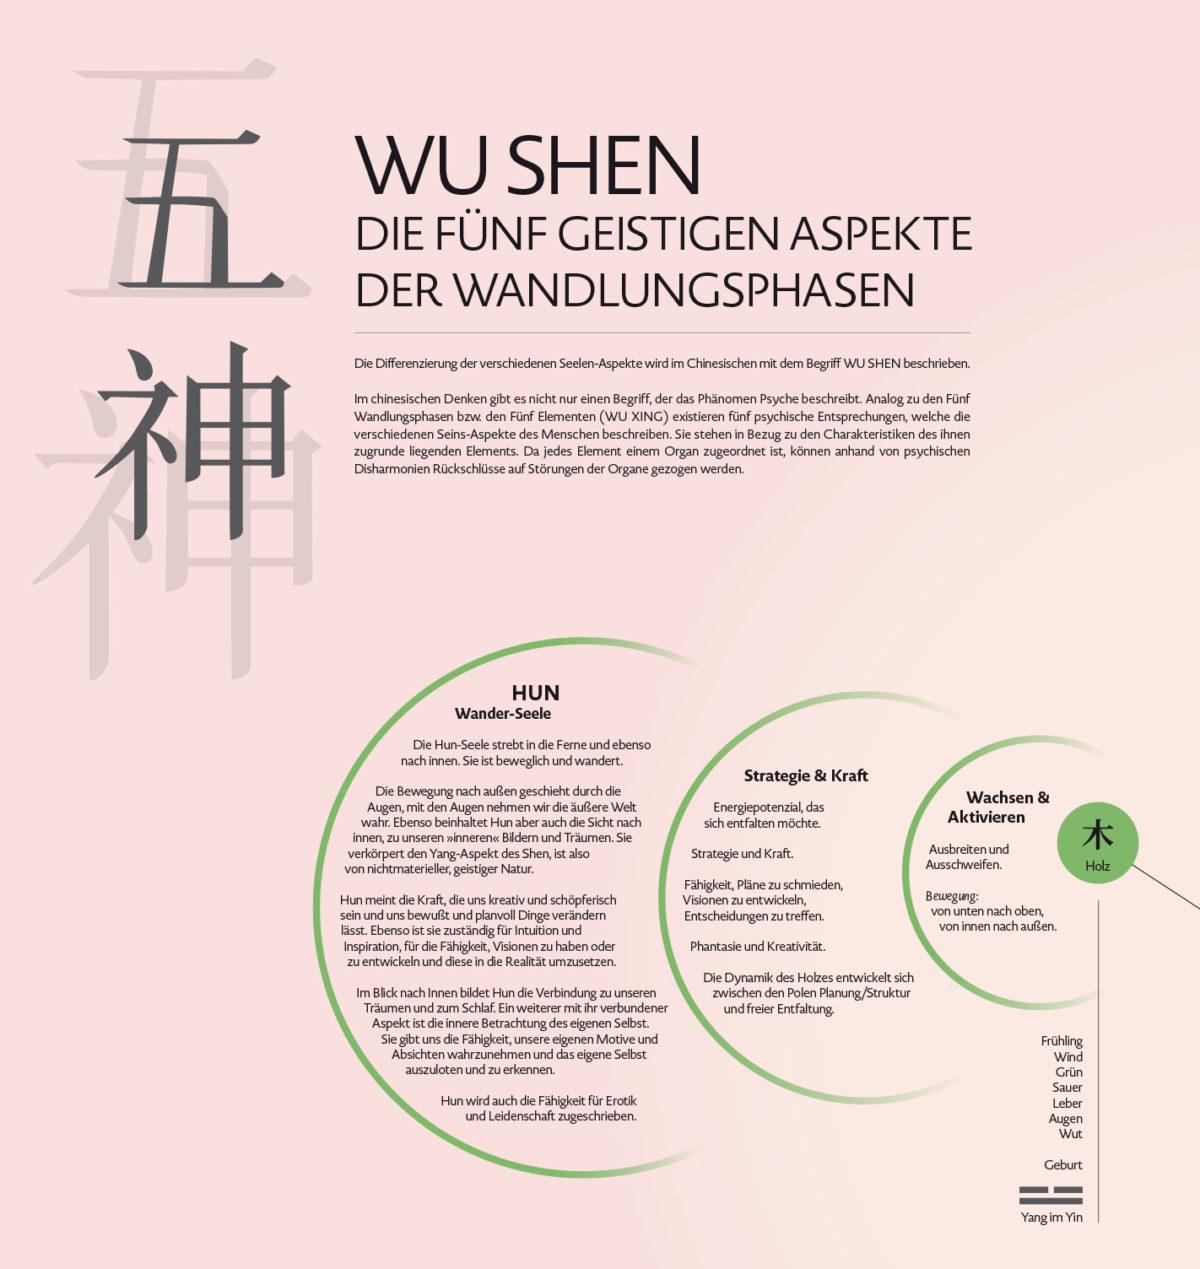 Infografik-Poster über die fünf geistigen Aspekte der Wandlungsphasen Wu Shen mit Beschreibungen des Charakters und des Seelenaspektes, Element Holz